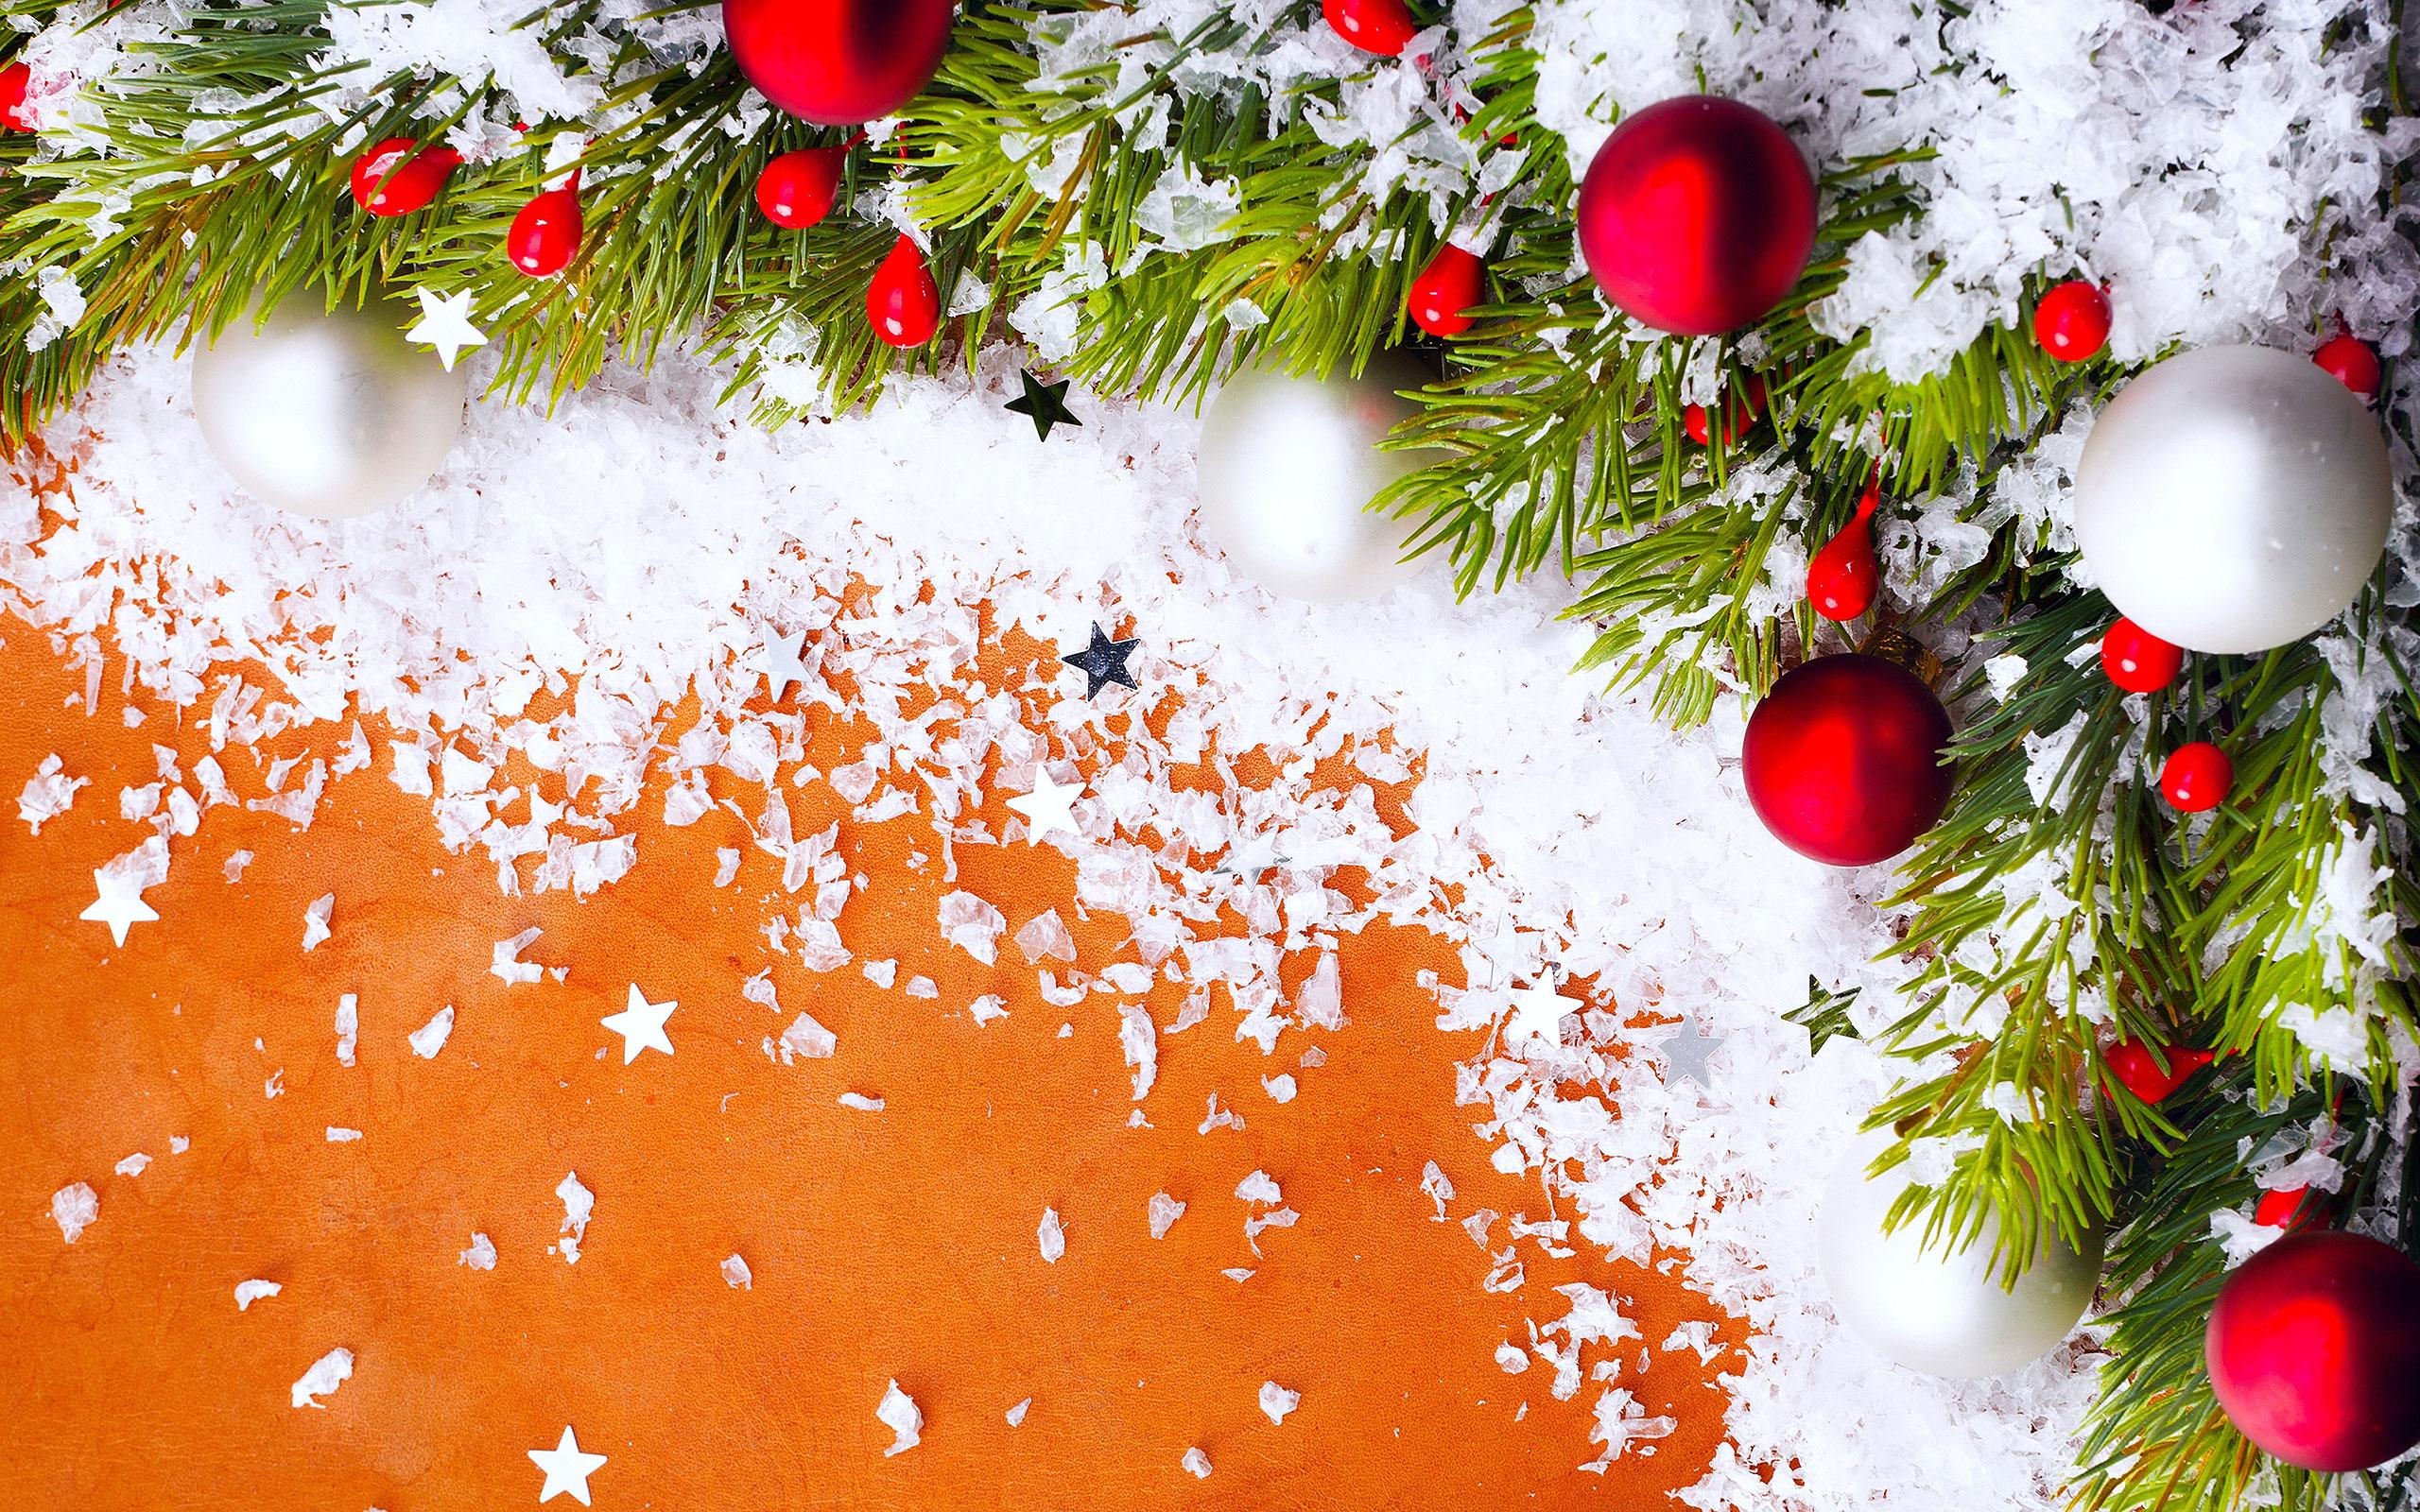 рождество новый год Christmas new year  № 2656580 загрузить